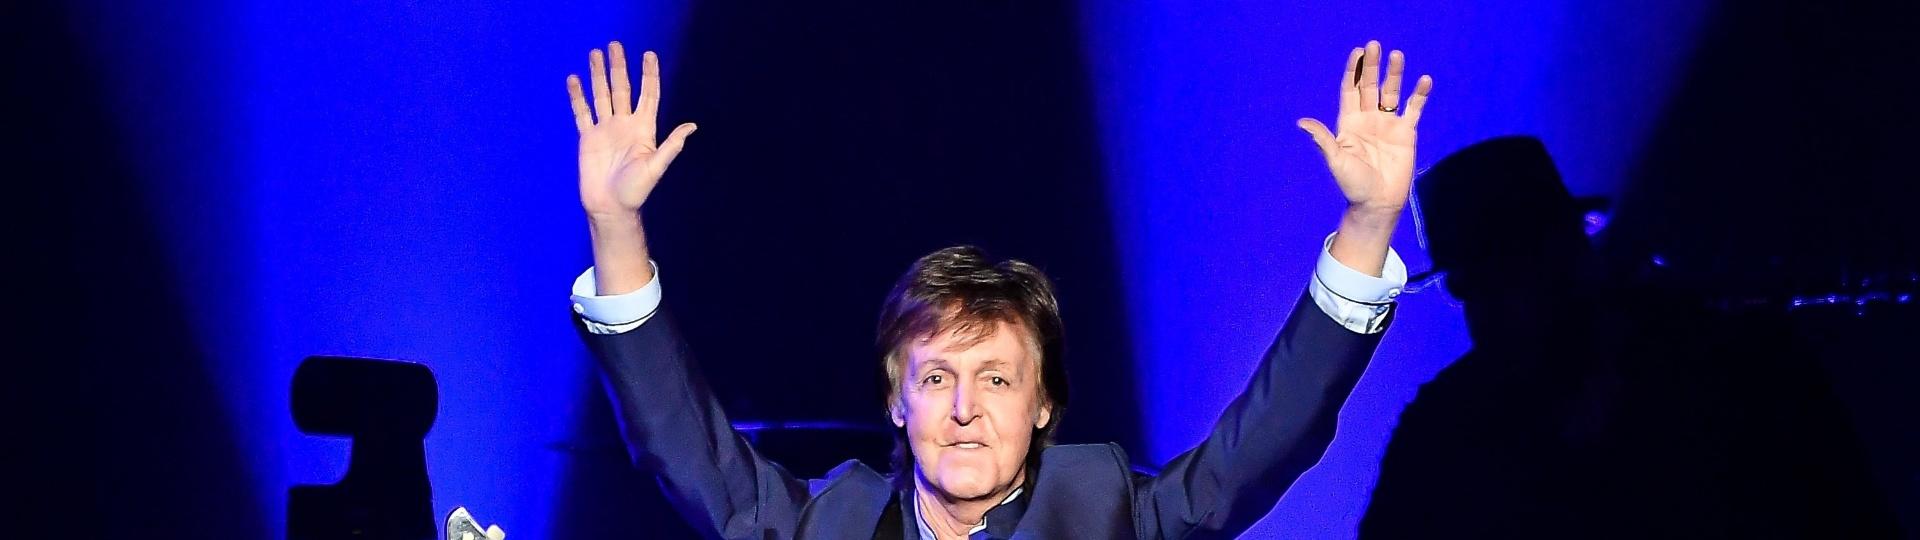 13.abr.2016 - Paul McCartney abre sua turnê